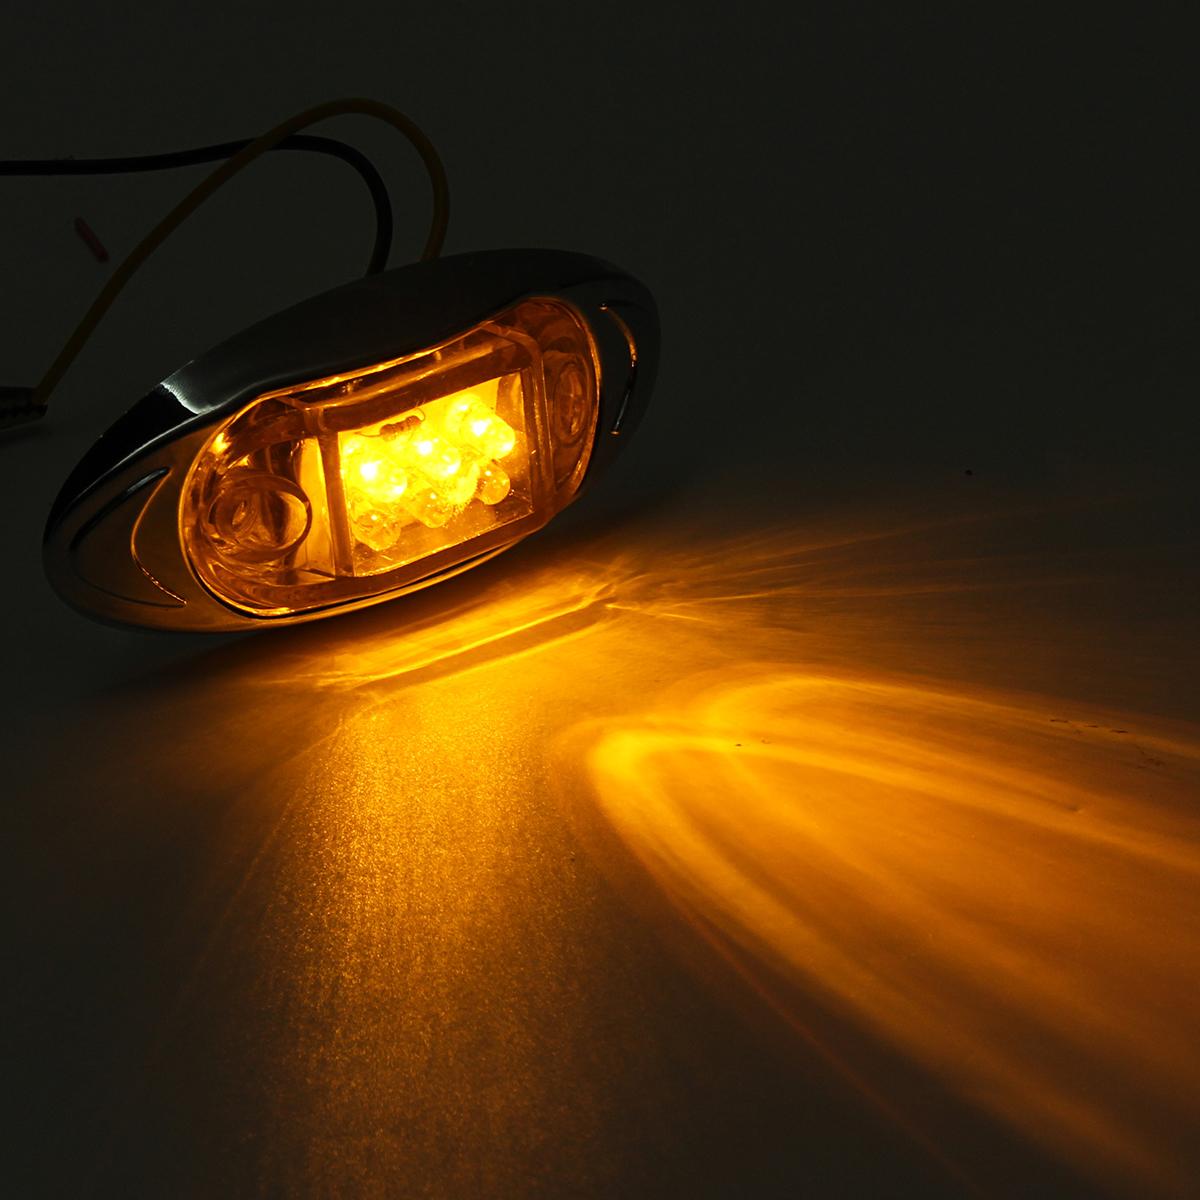 12V 12 LED Side Marker Marker Lights Red/Yellow/White for Truck Chassis Caravan Trailer